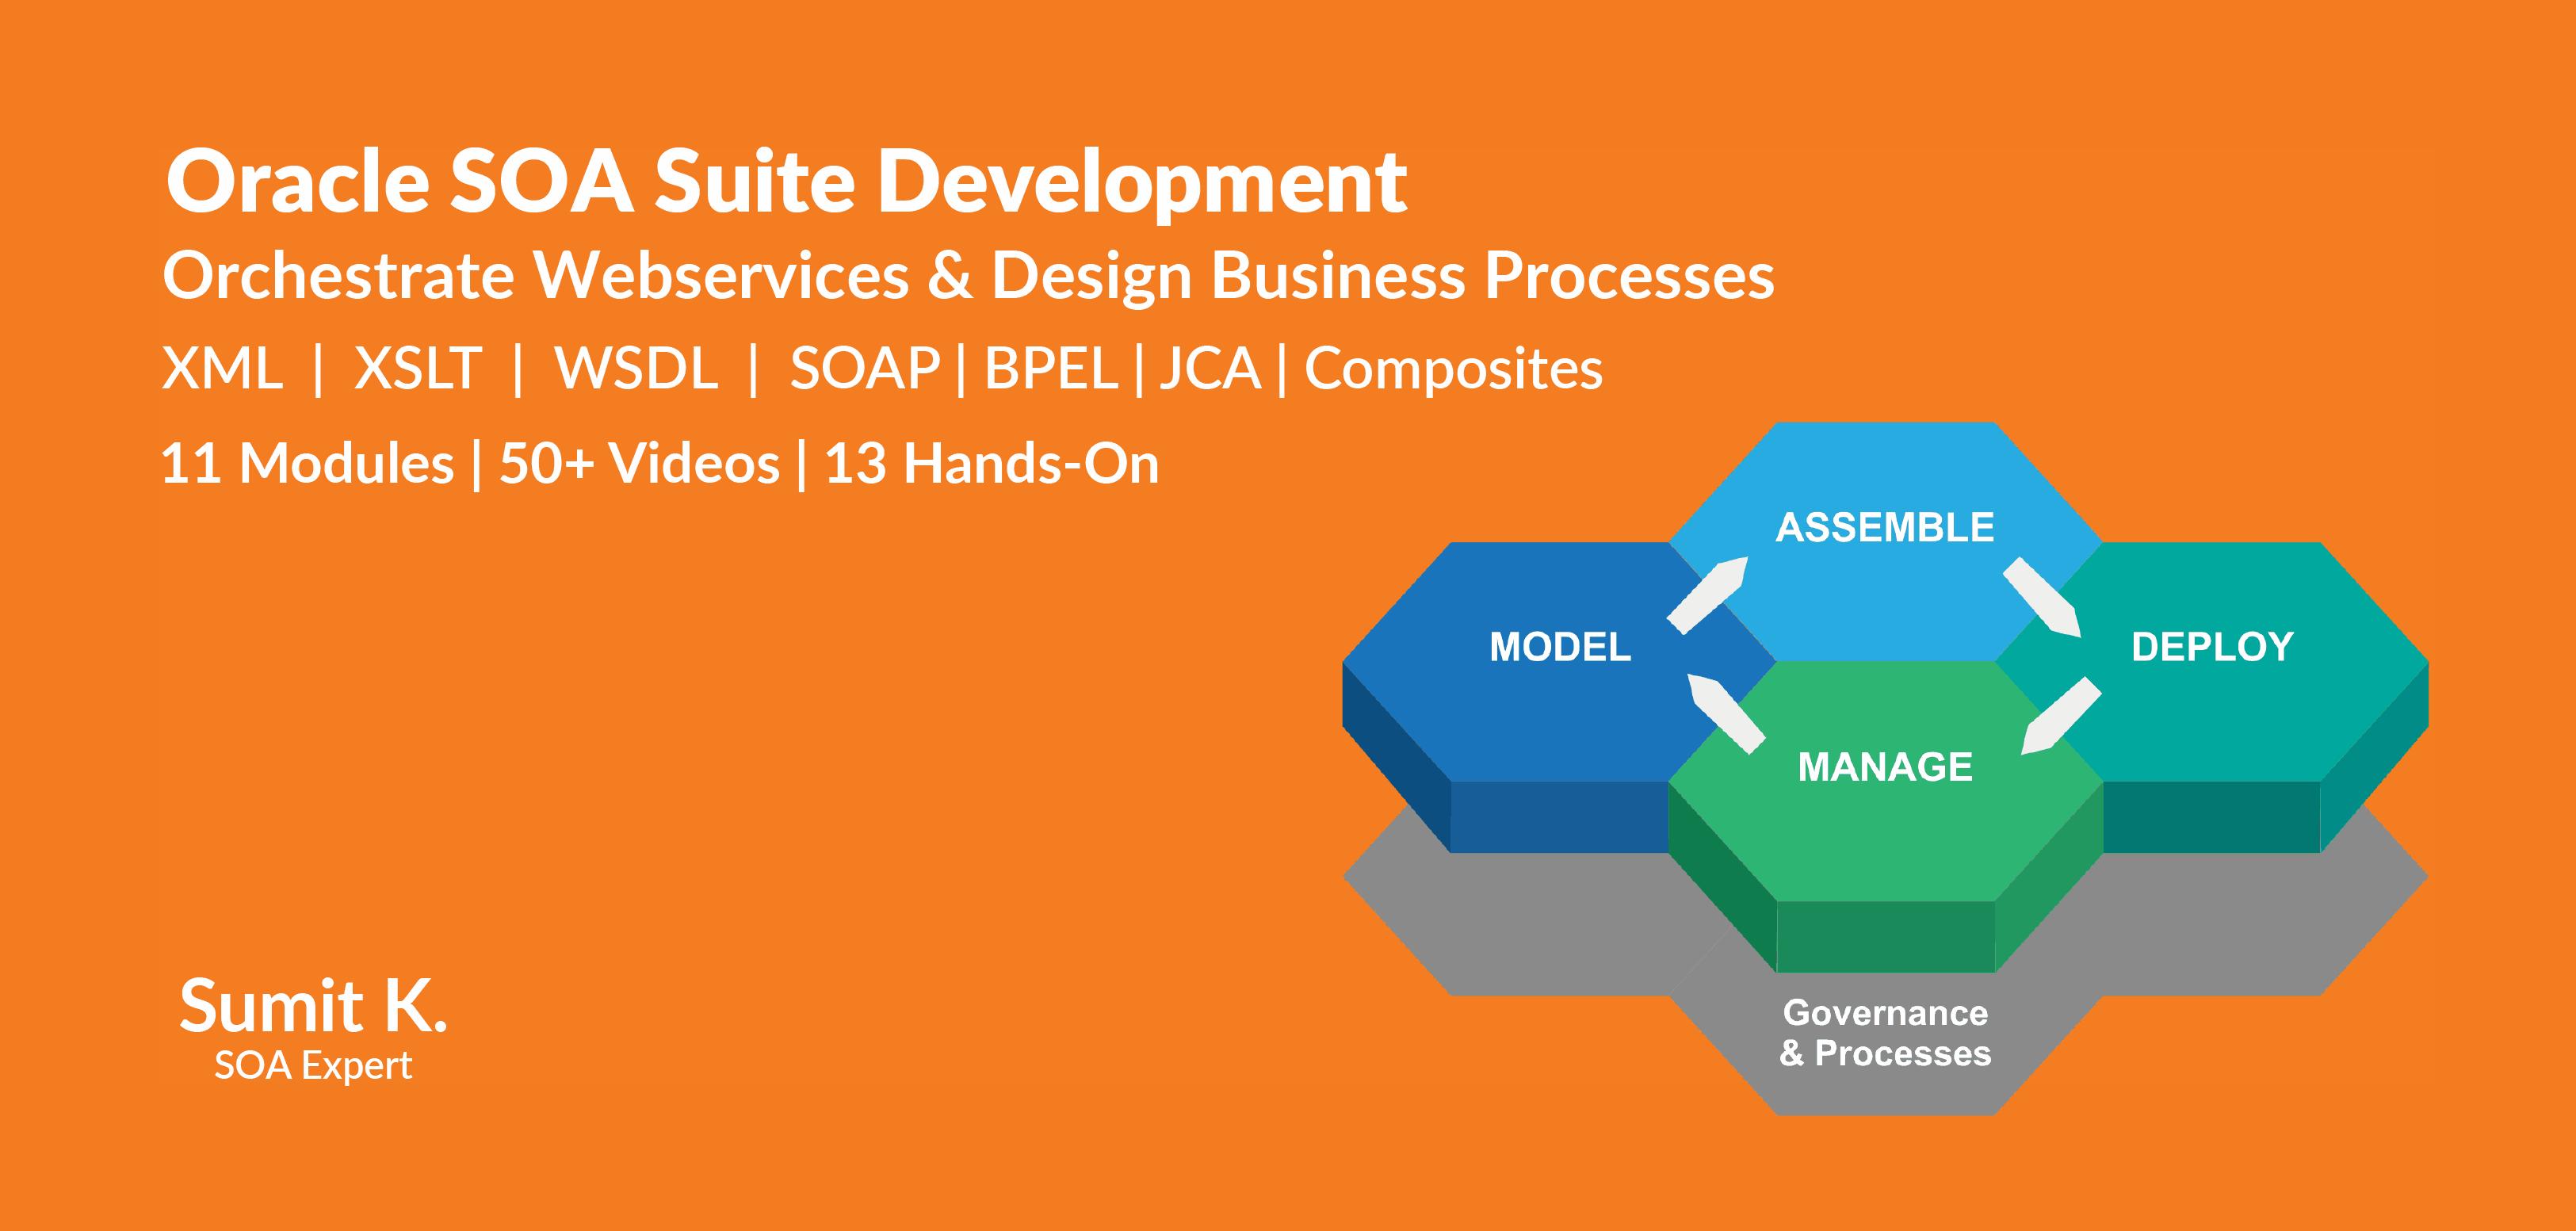 Oracle SOA Suite Development